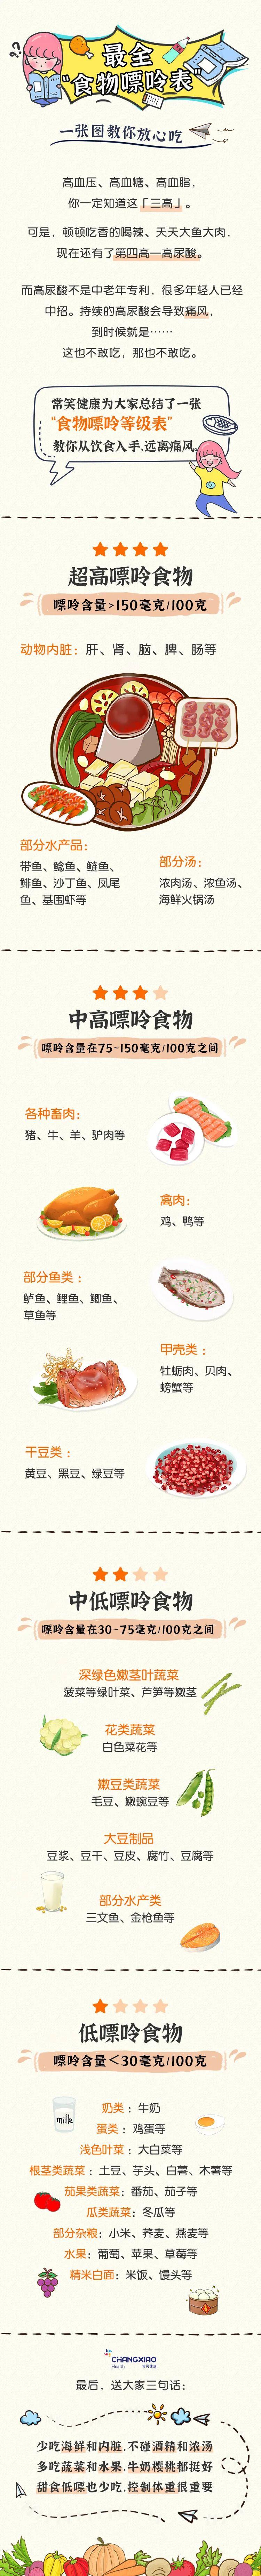 嘌呤食物排行_12月第2周全国最受关注的食品安全新闻(中国食安舆情排行榜)